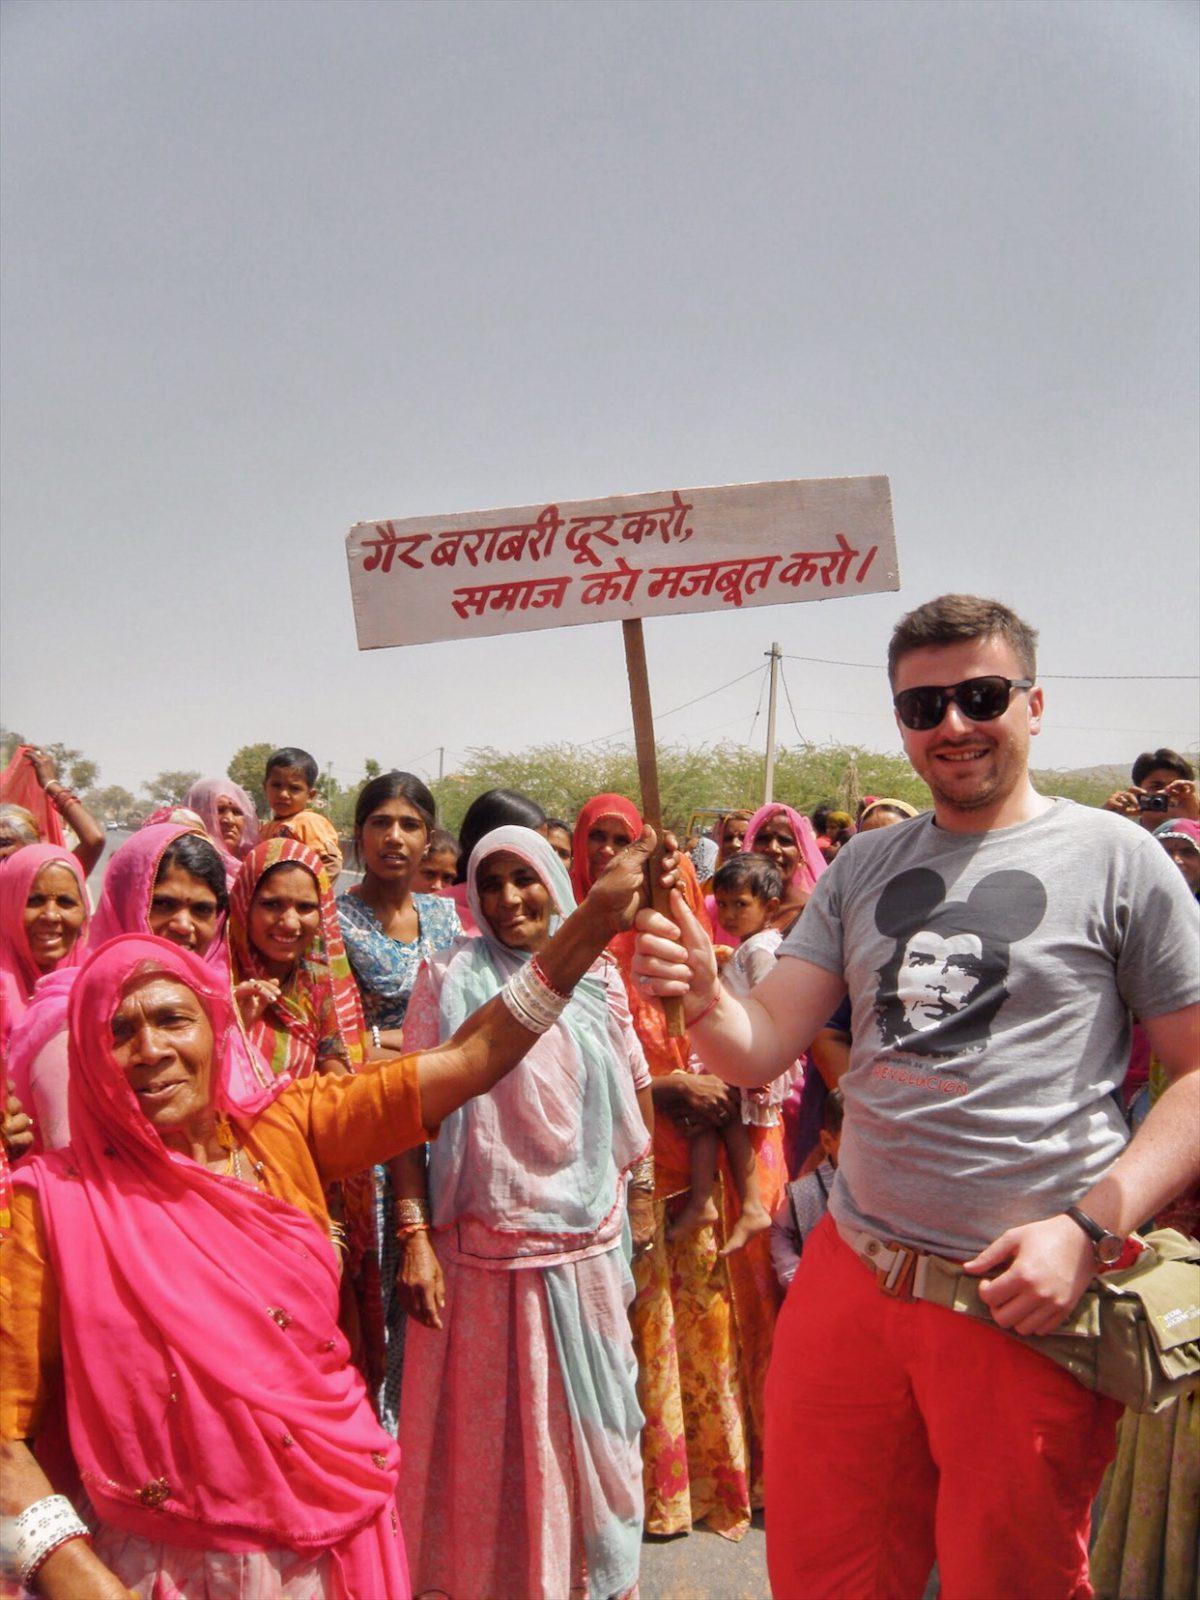 randki dla emigrantów w Indiach